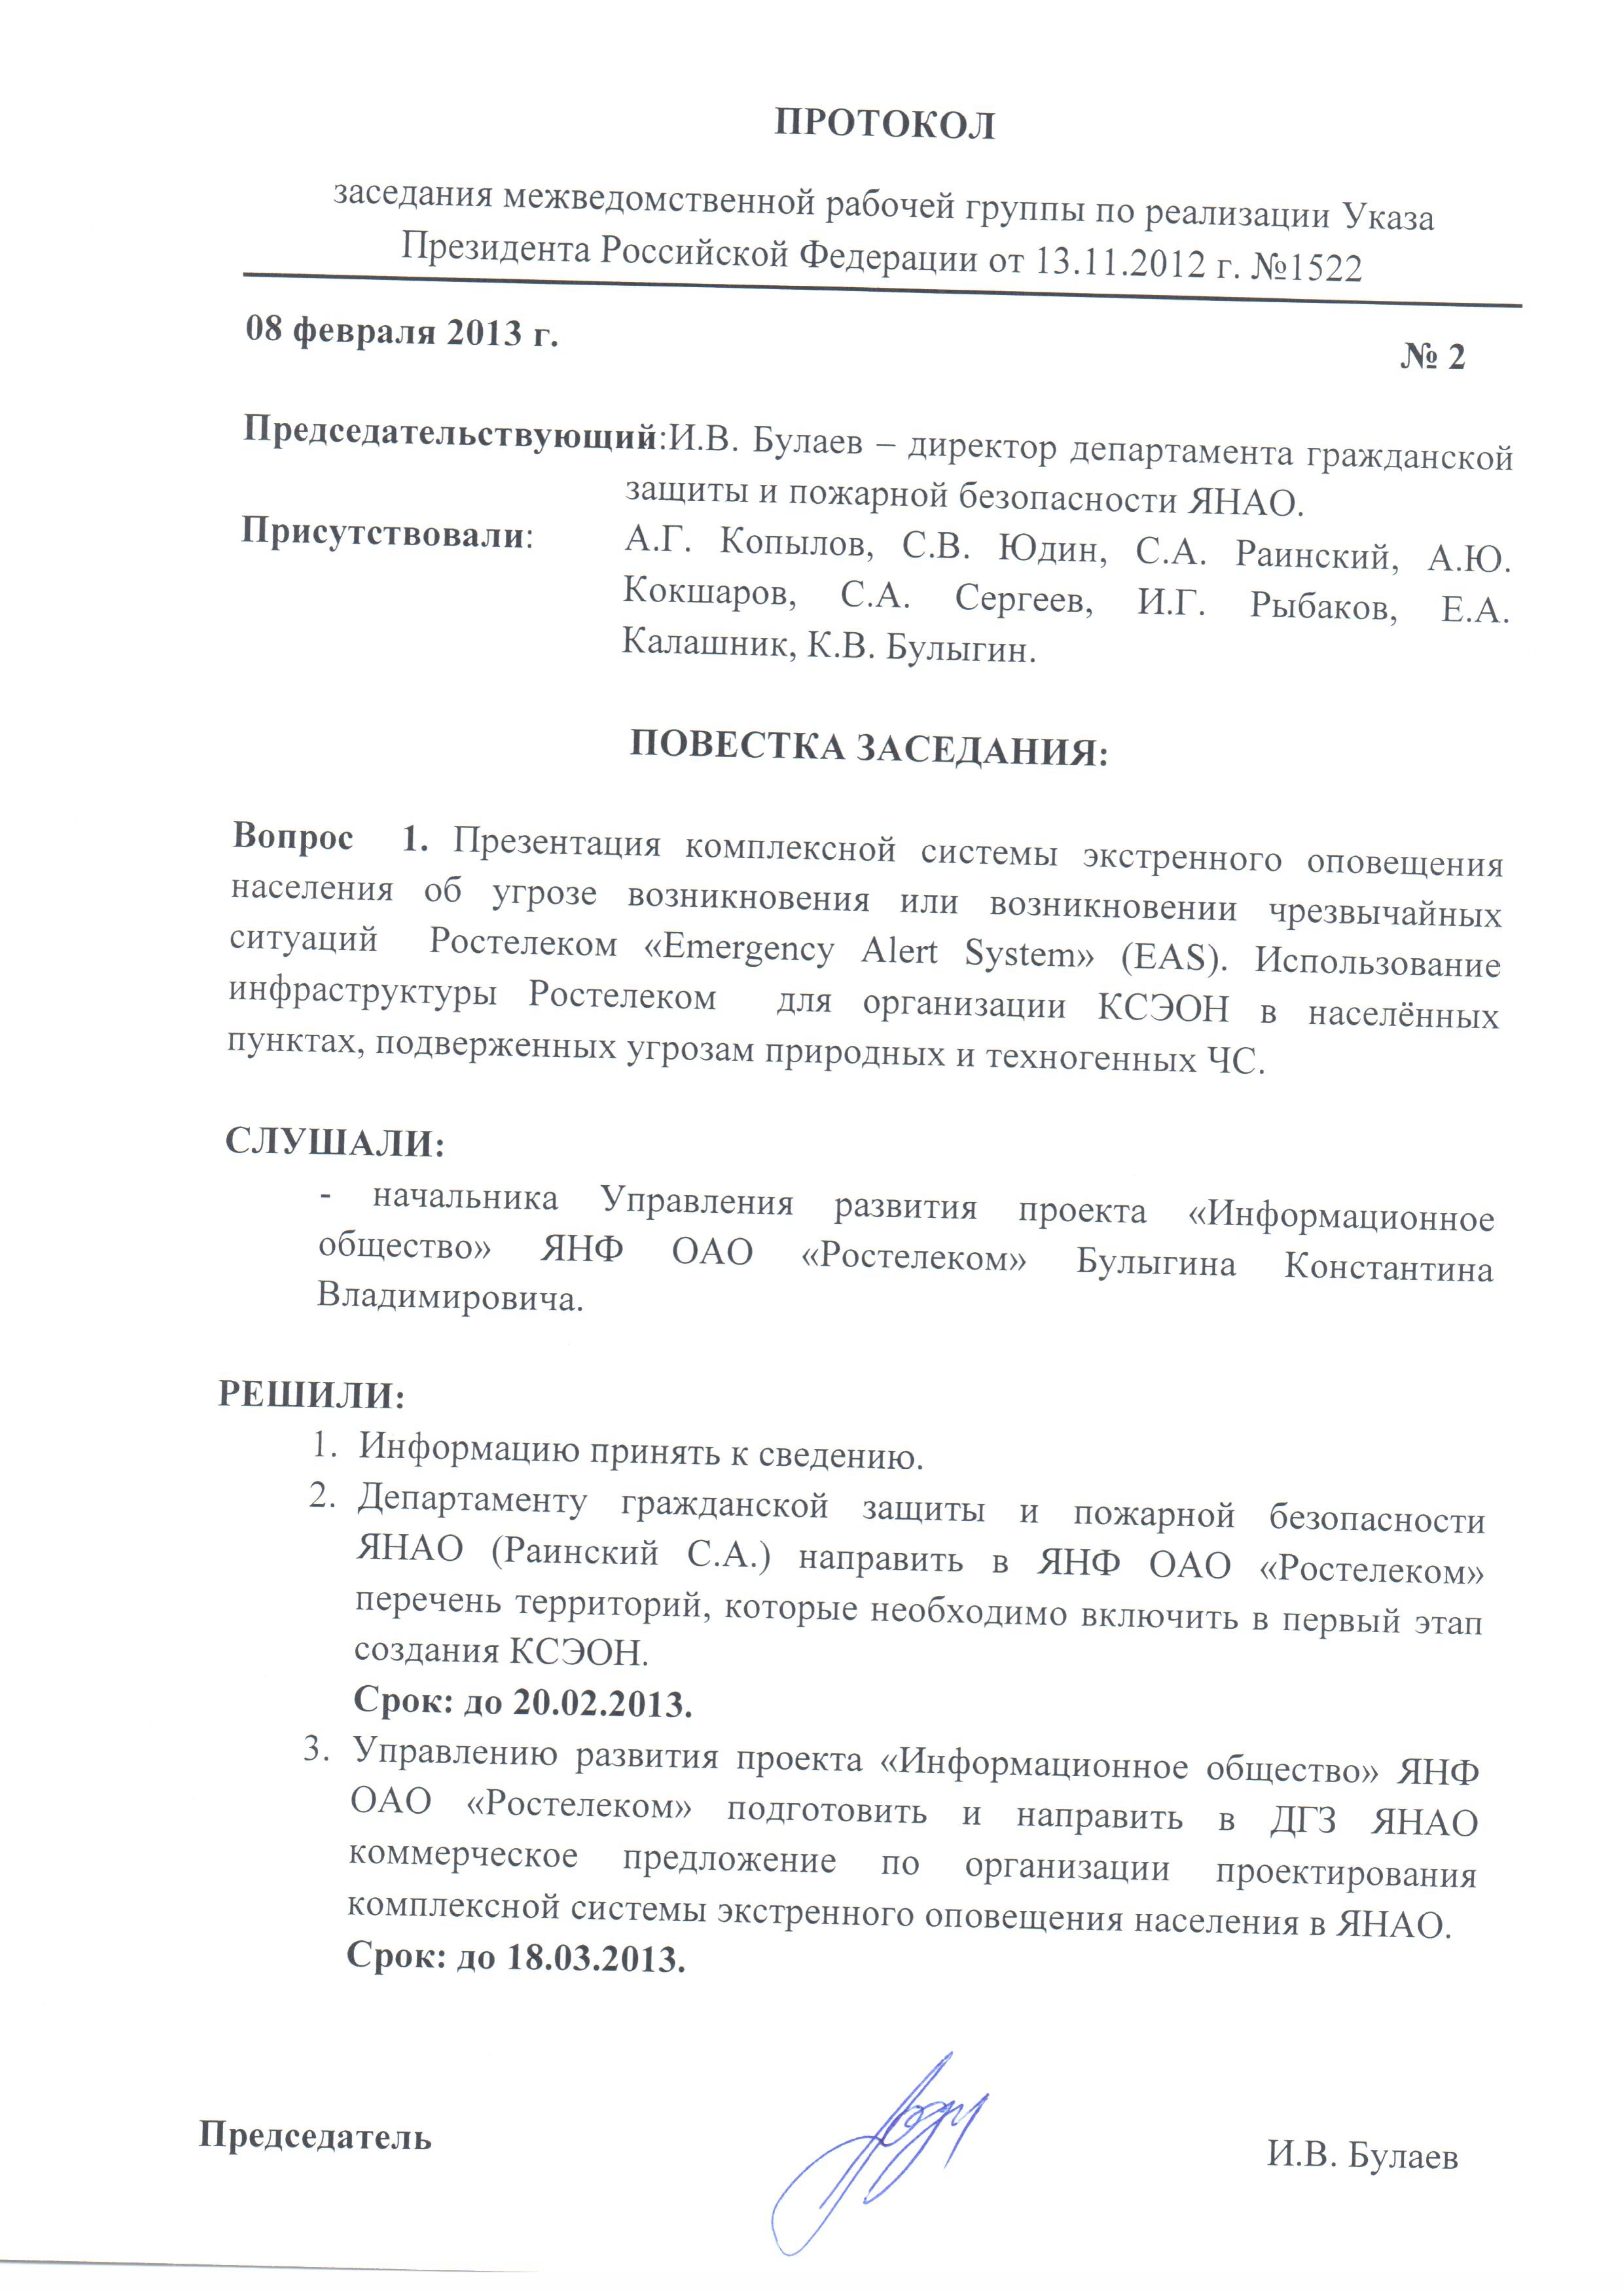 08 февраля прошло заседние межведомственной рабочей группы по реализации Указа Президента РФ от 13.11.2012 №1522